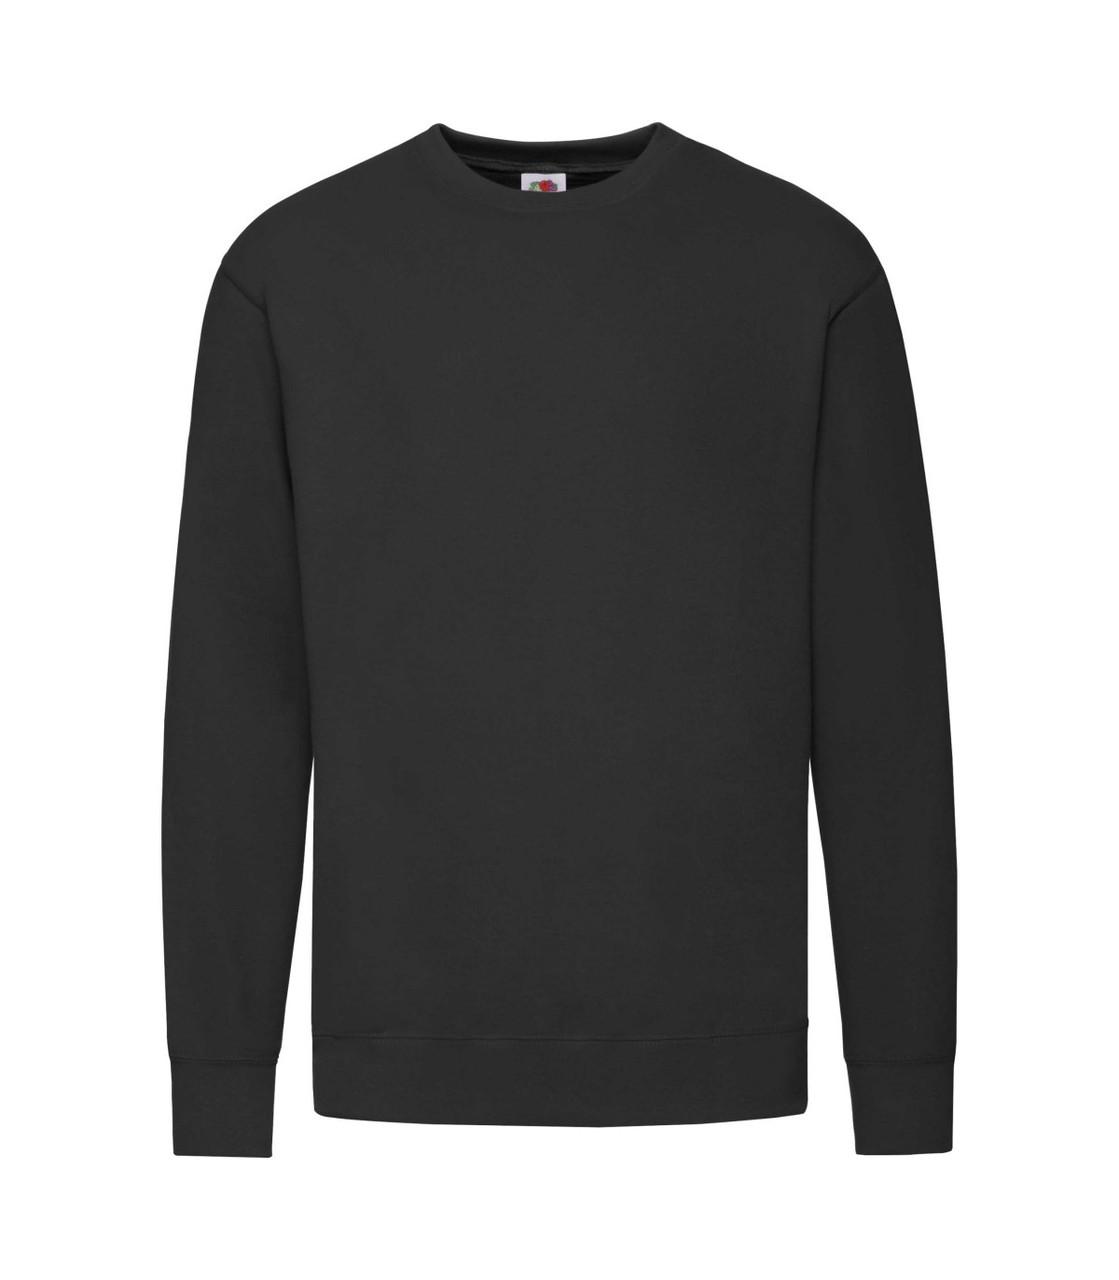 Мужской свитшот легкий черный 156-36